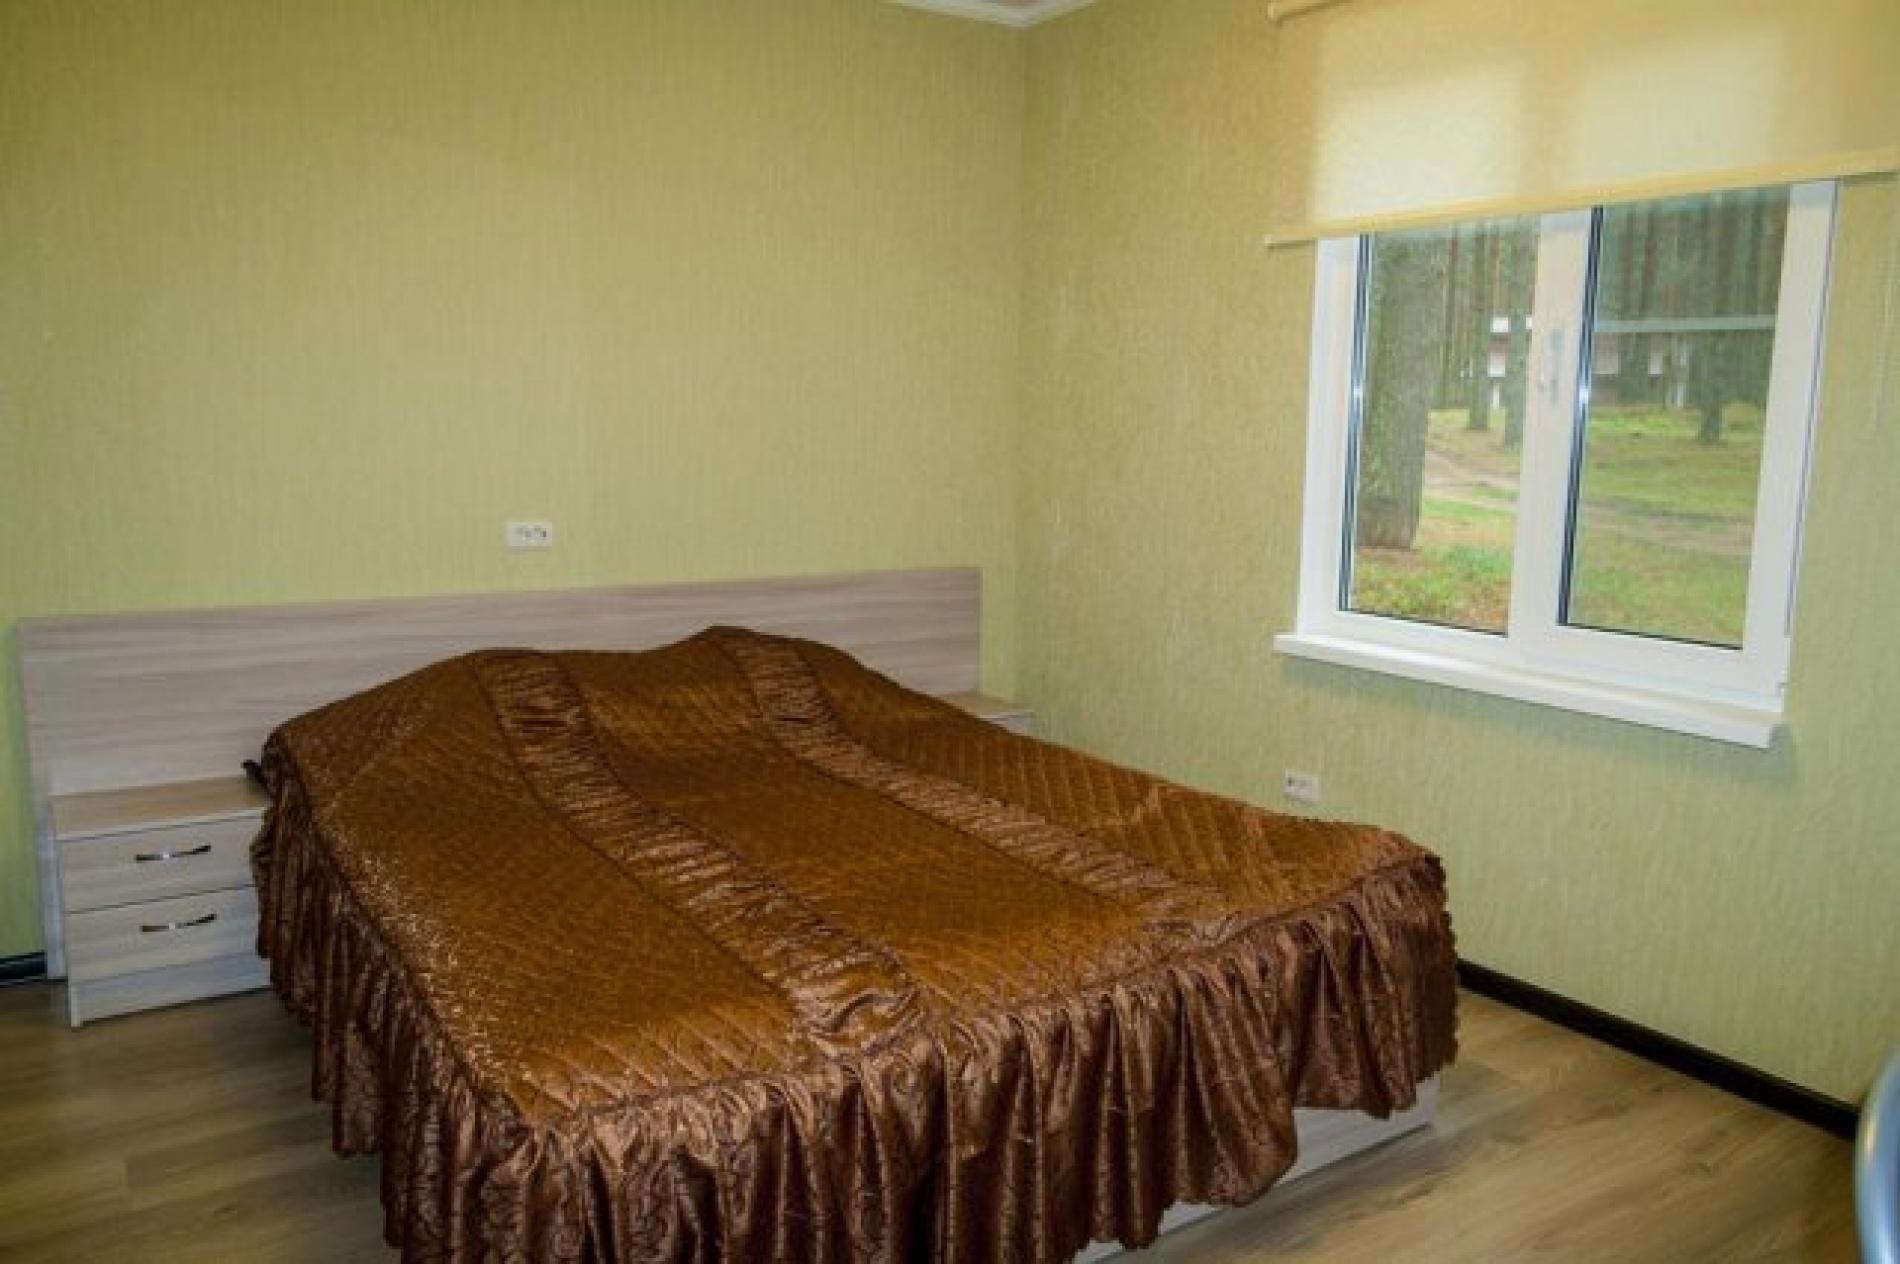 База отдыха «Стёпаново» Вологодская область Номер в доме № 25, фото 3